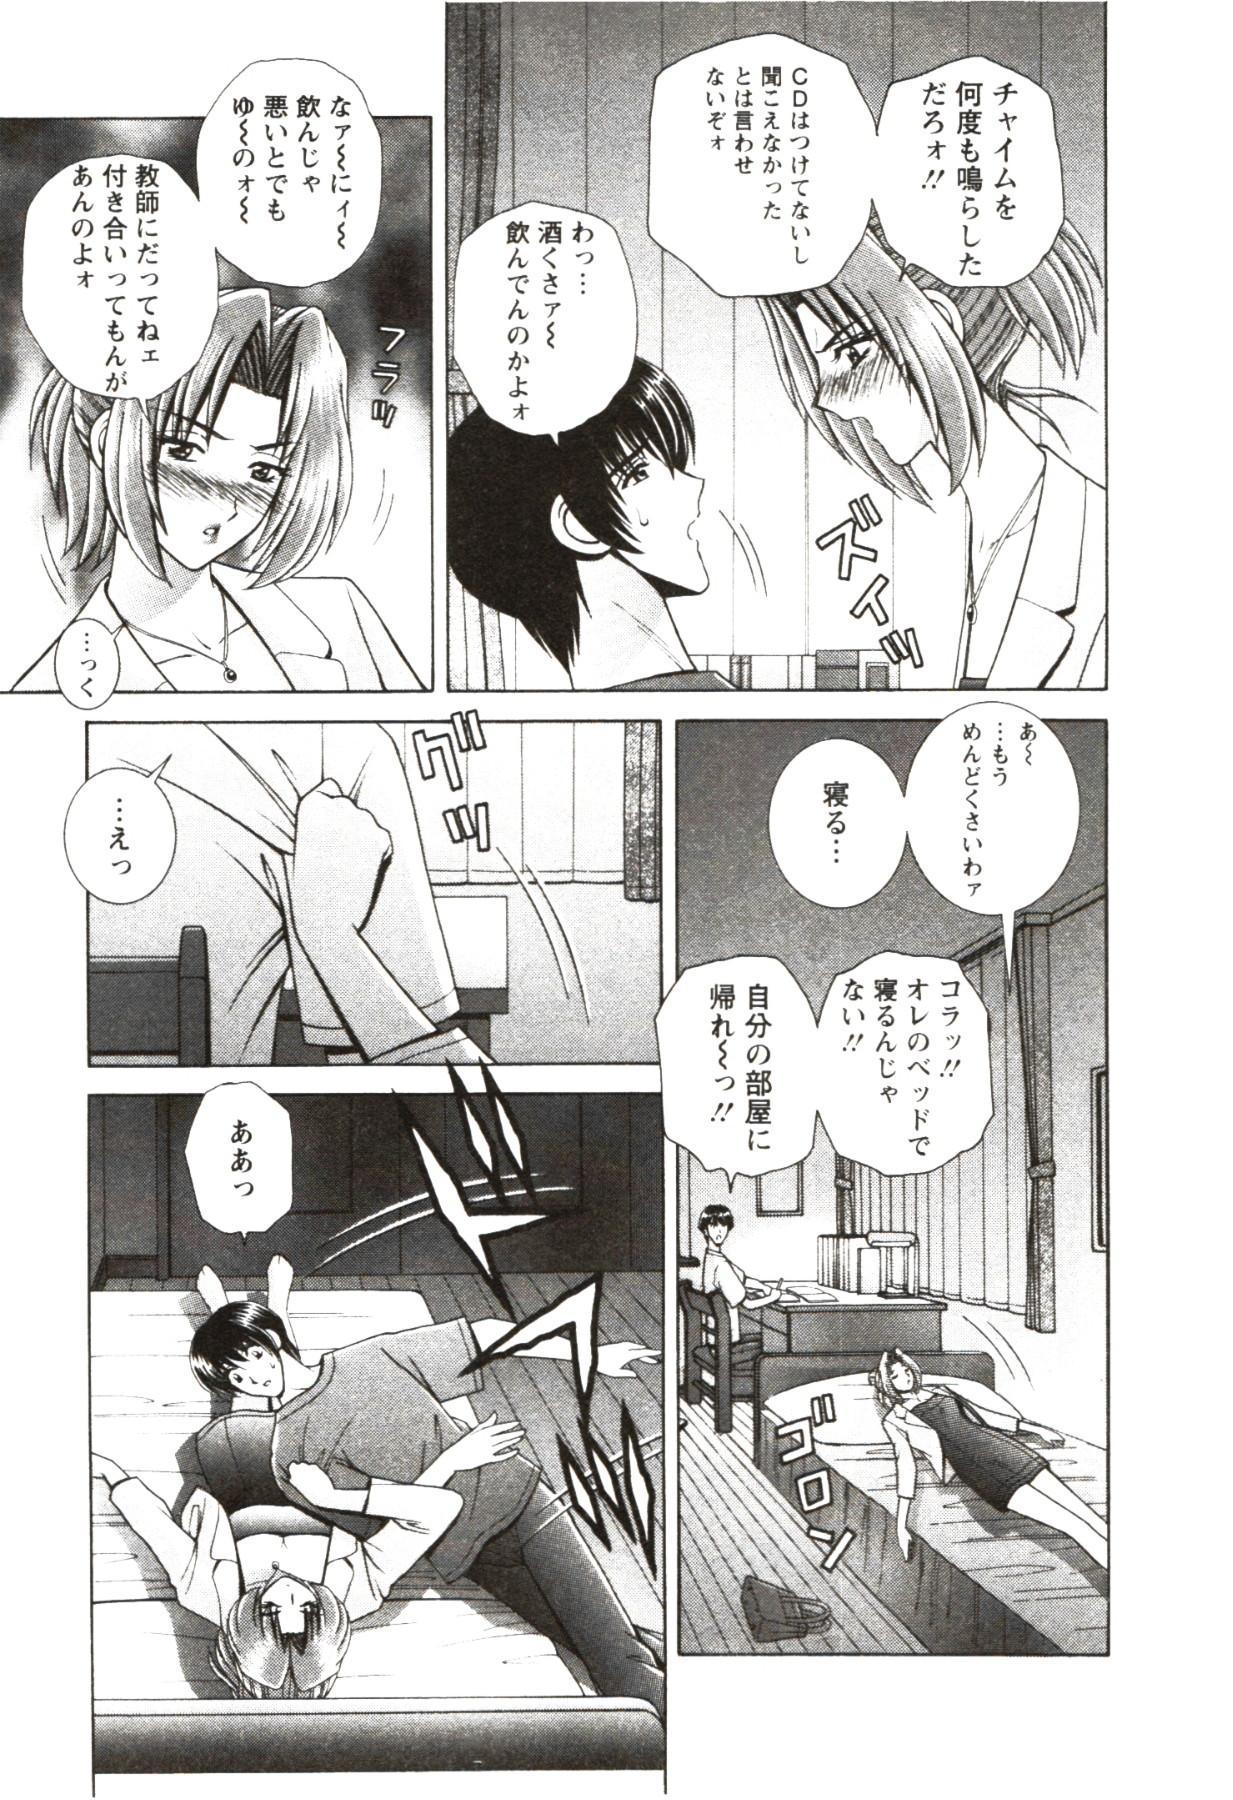 Futarigurashi 28